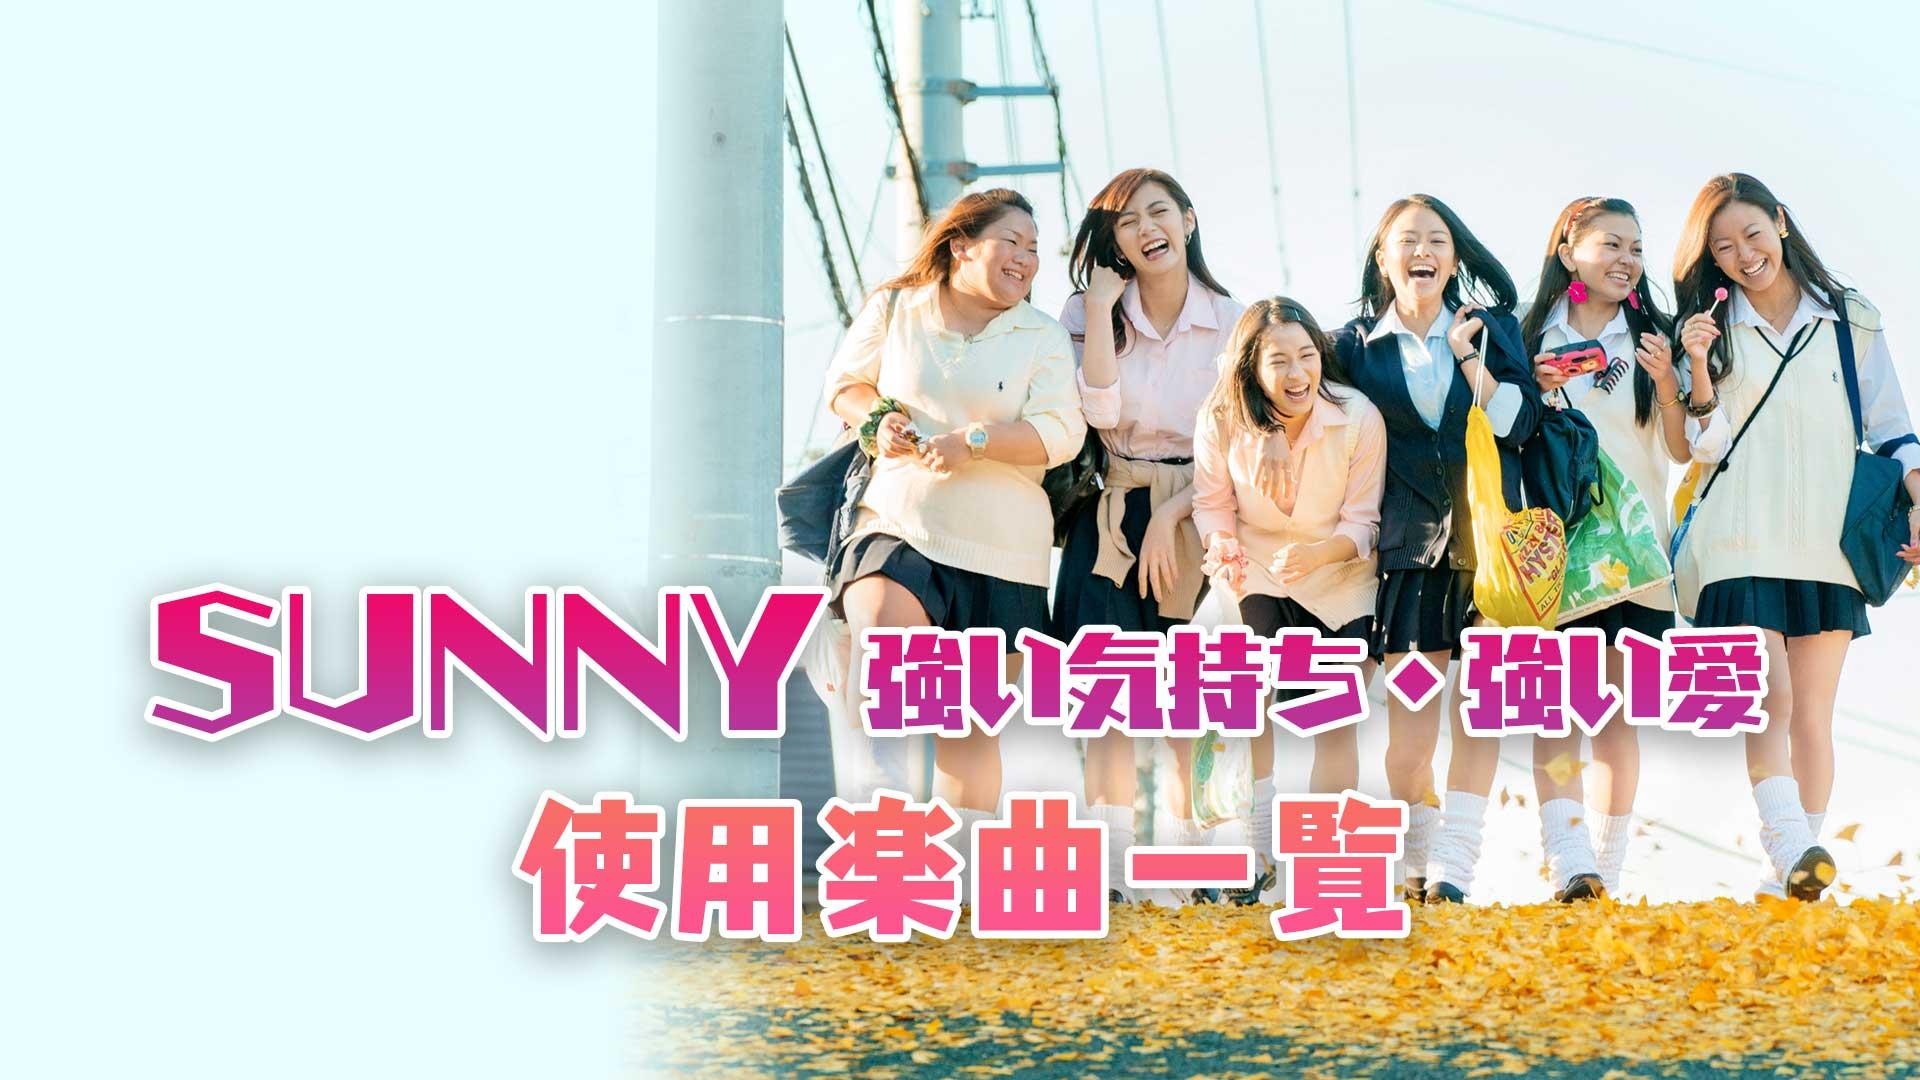 映画『SUNNY 強い気持ち・強い愛』映画の中で使われている曲まとめ!